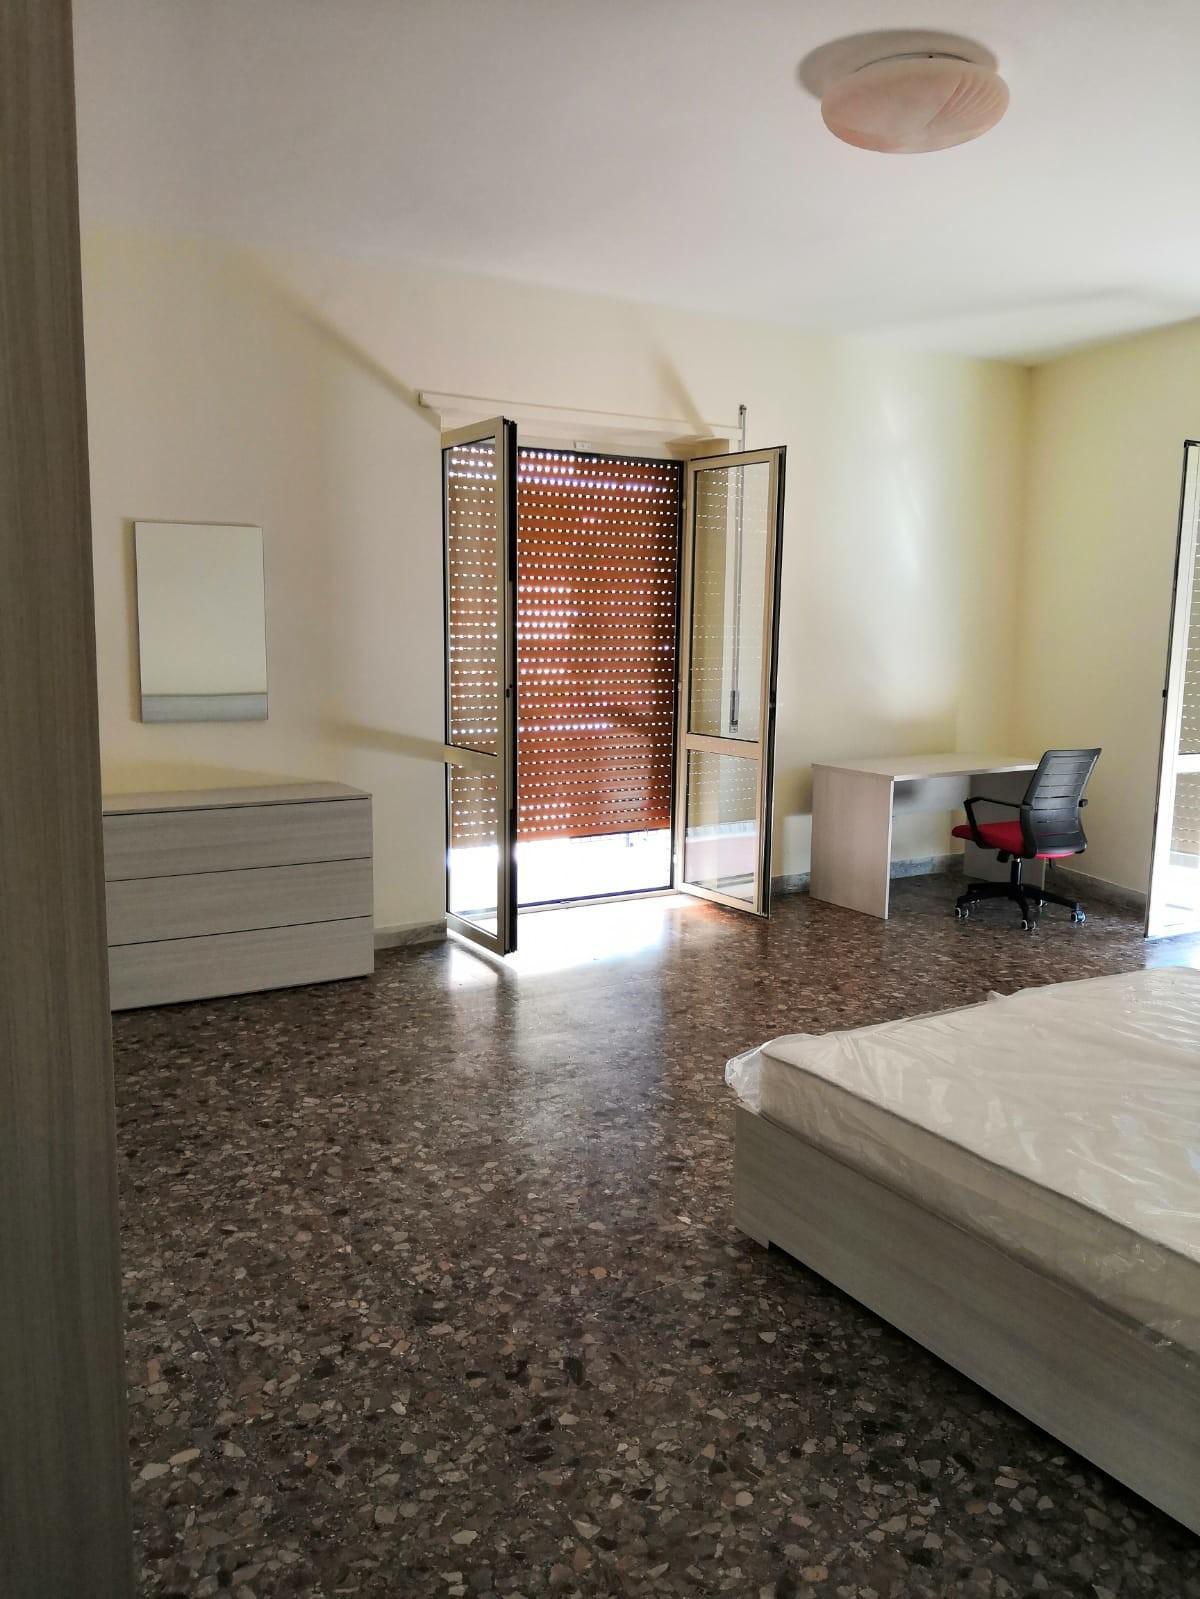 Armadio Ripostiglio Ad Angolo room in apt at viale abramo lincoln, 81100 caserta ce, italy